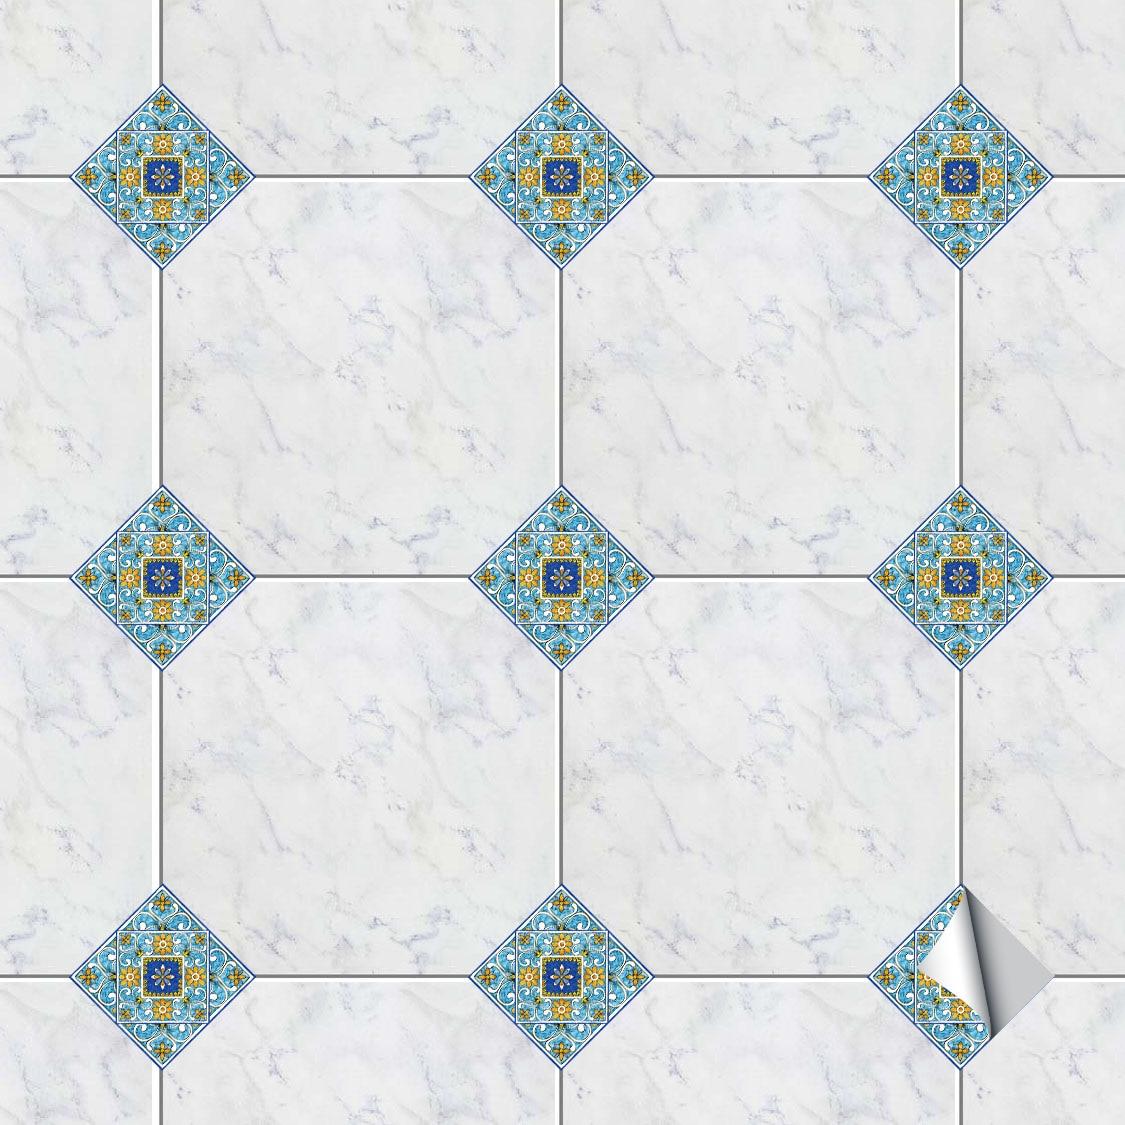 100 pièces Vintage italie carreaux PVC étanche papier peint cuisine salle de bains marbre sol Griotte sol bricolage amovible carrelage mural autocollant